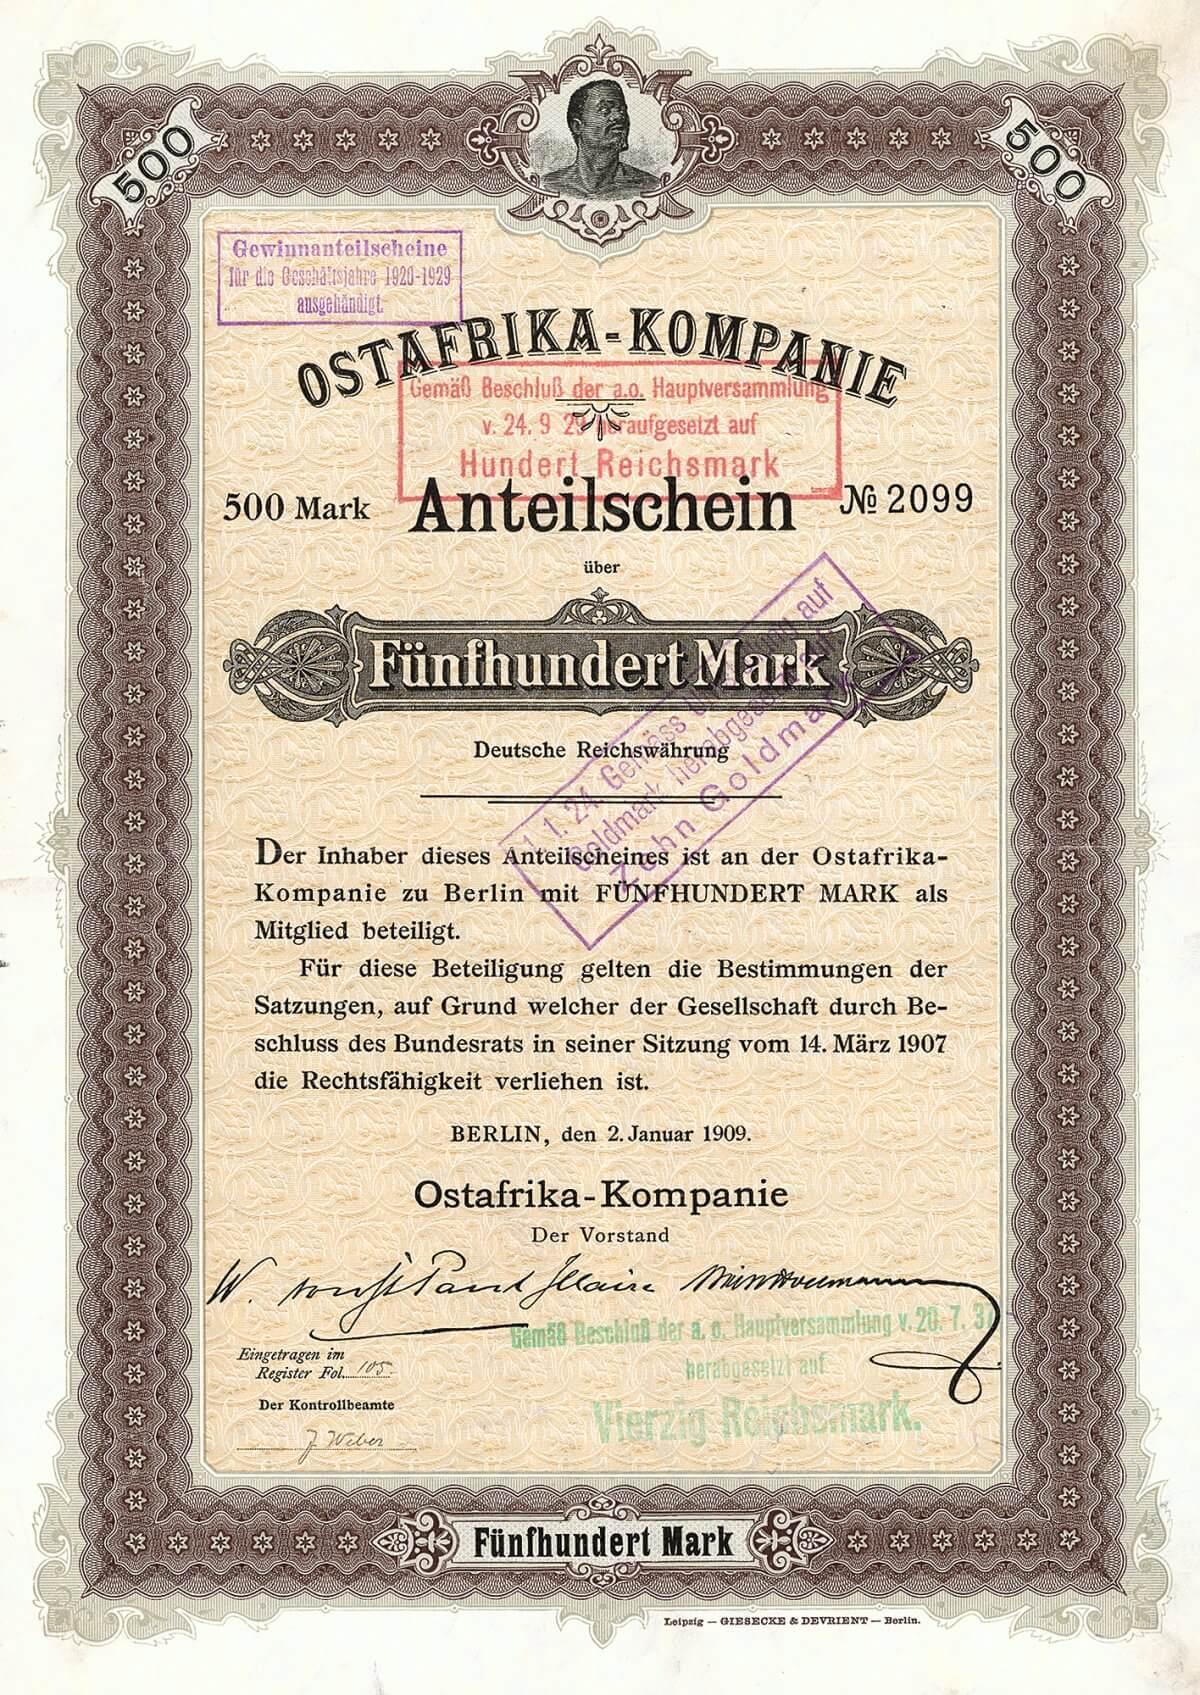 Ostafrika-Kompanie, Berlin, Anteilschein über 500 Mark von 1909. Gründung 1906. Die Gesellschaft erwarb die Besitzungen des verstorbenen Hofmarschalls von St. Paul-Illaire in und bei Tanga (Pflanzungen Kikwetu, Mitwero, Tanga), dazu kamen 1913 die Voertmann-Sattler-Pflanzungen. 1977 Umwandlung in die Ost-Afrika-Kompanie GmbH mit Sitz in Kiel.